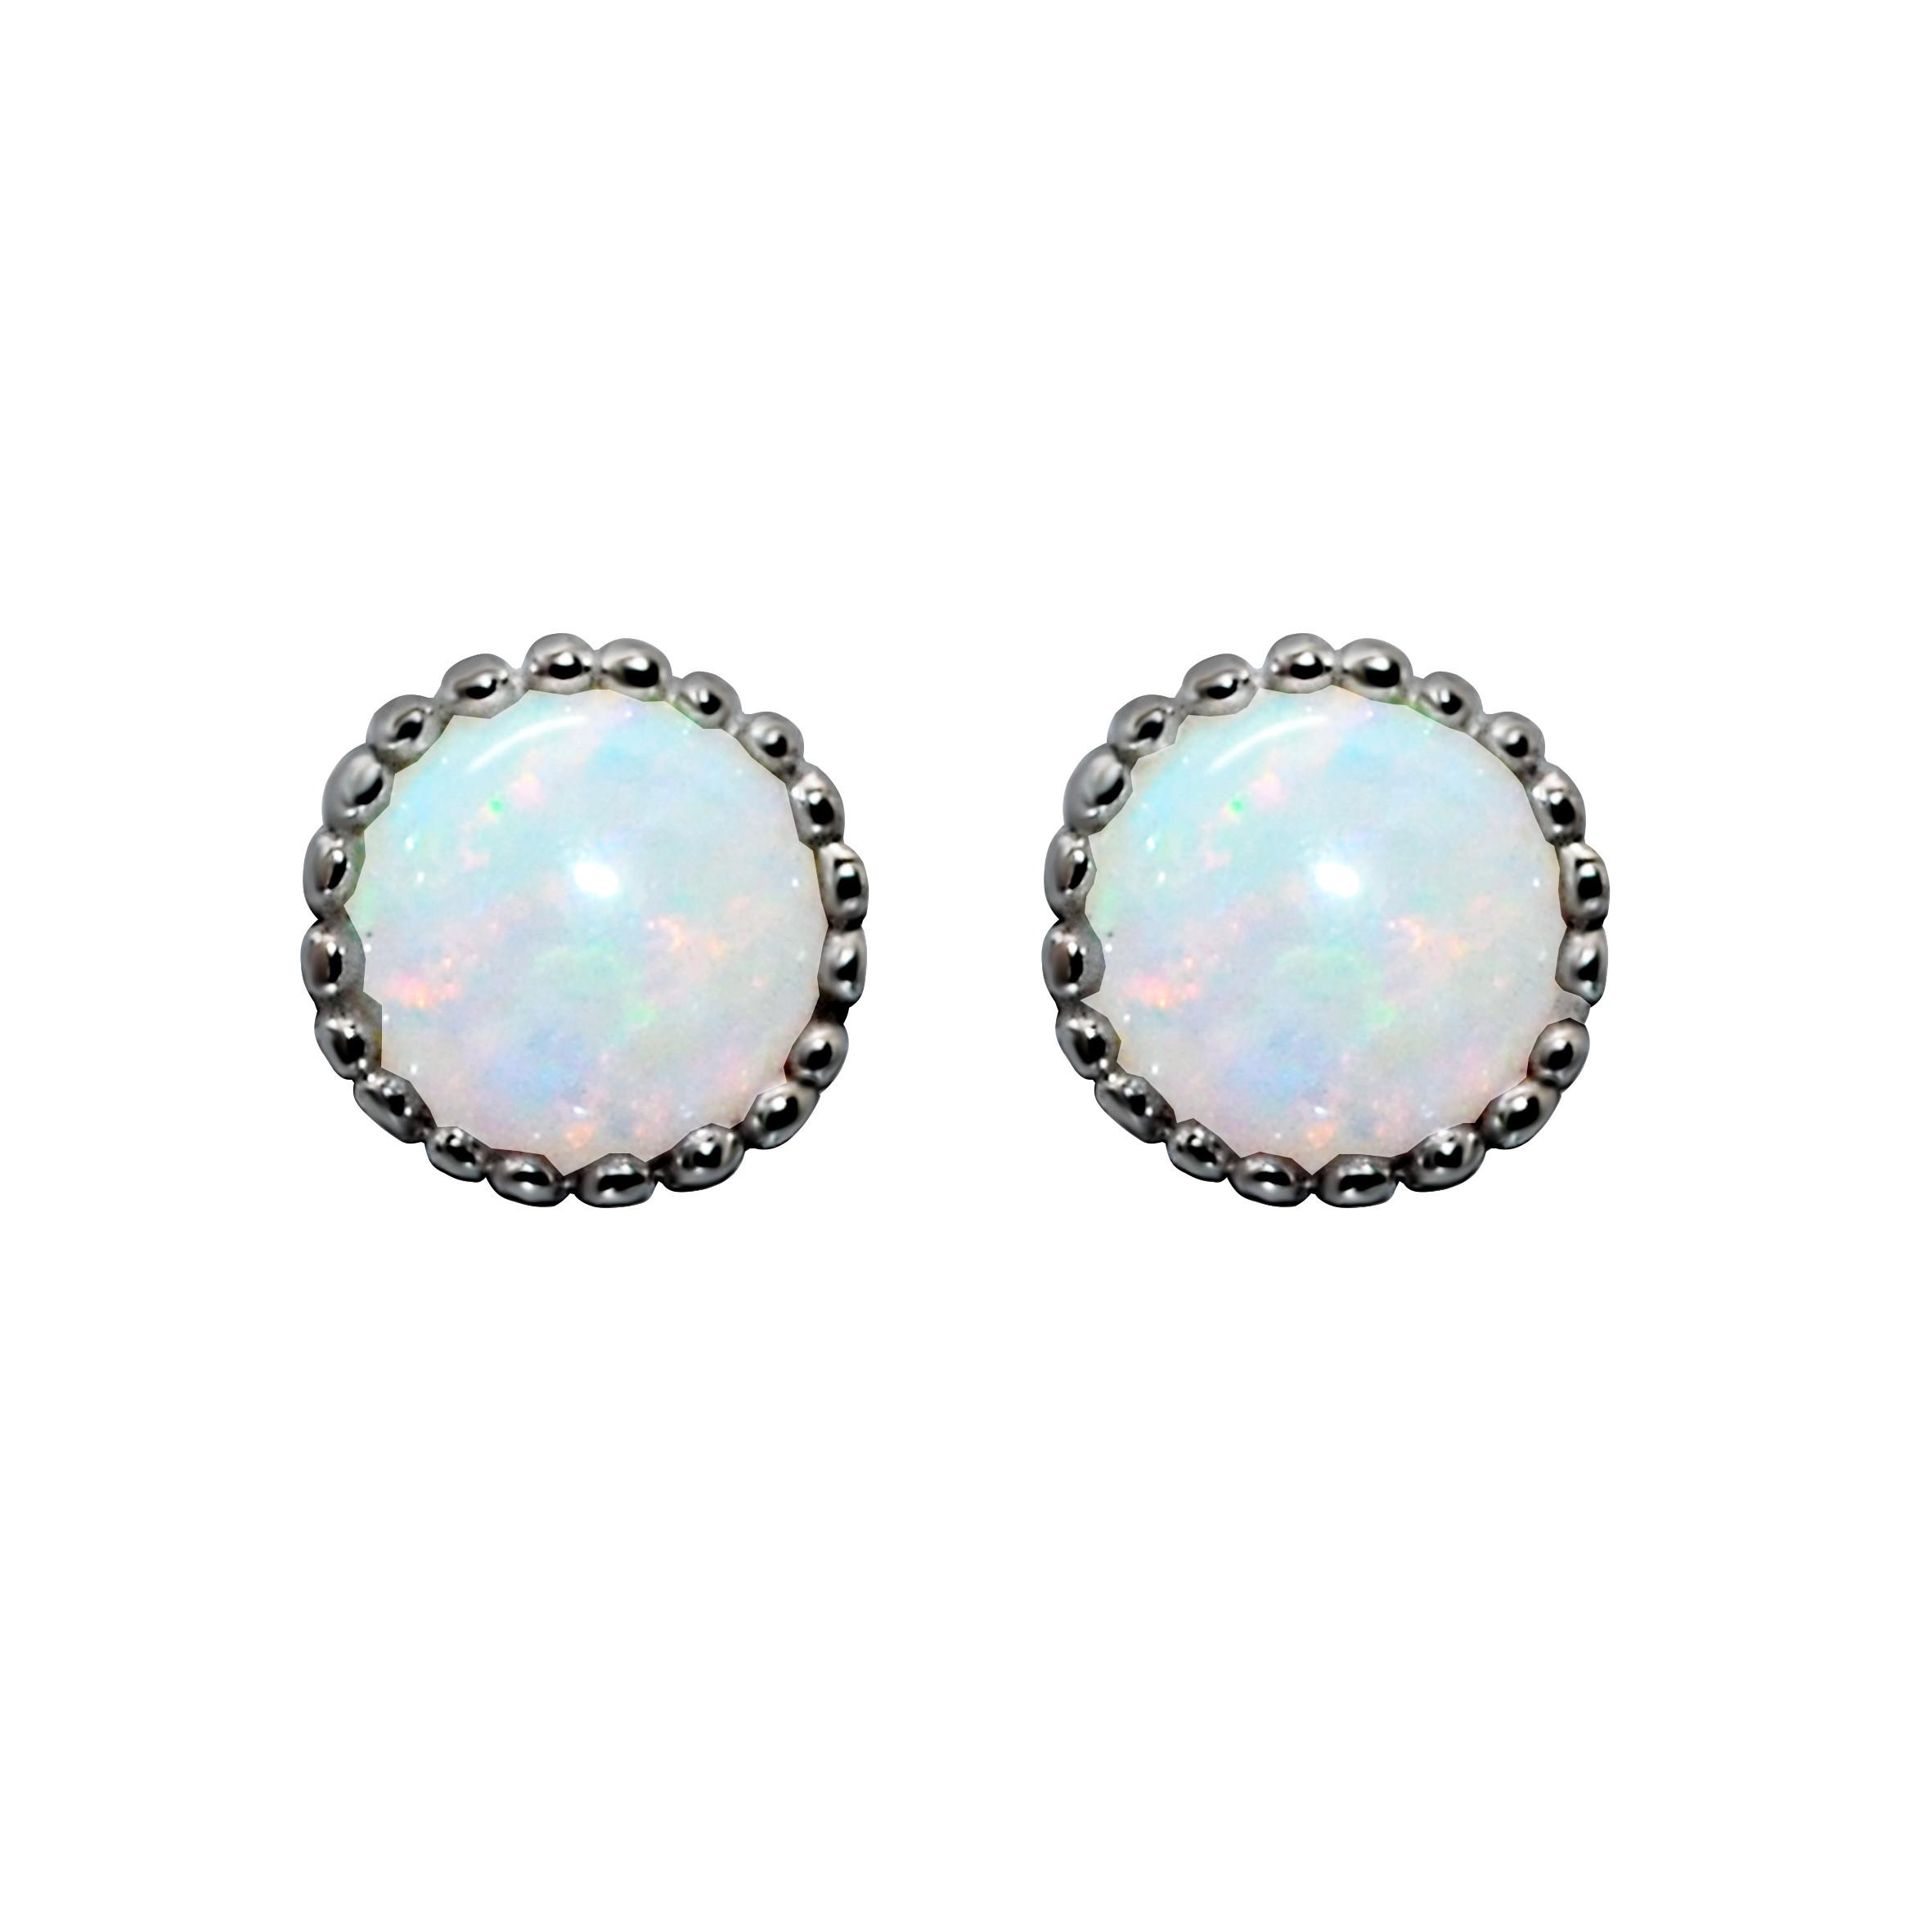 Opal Ear Studs Black